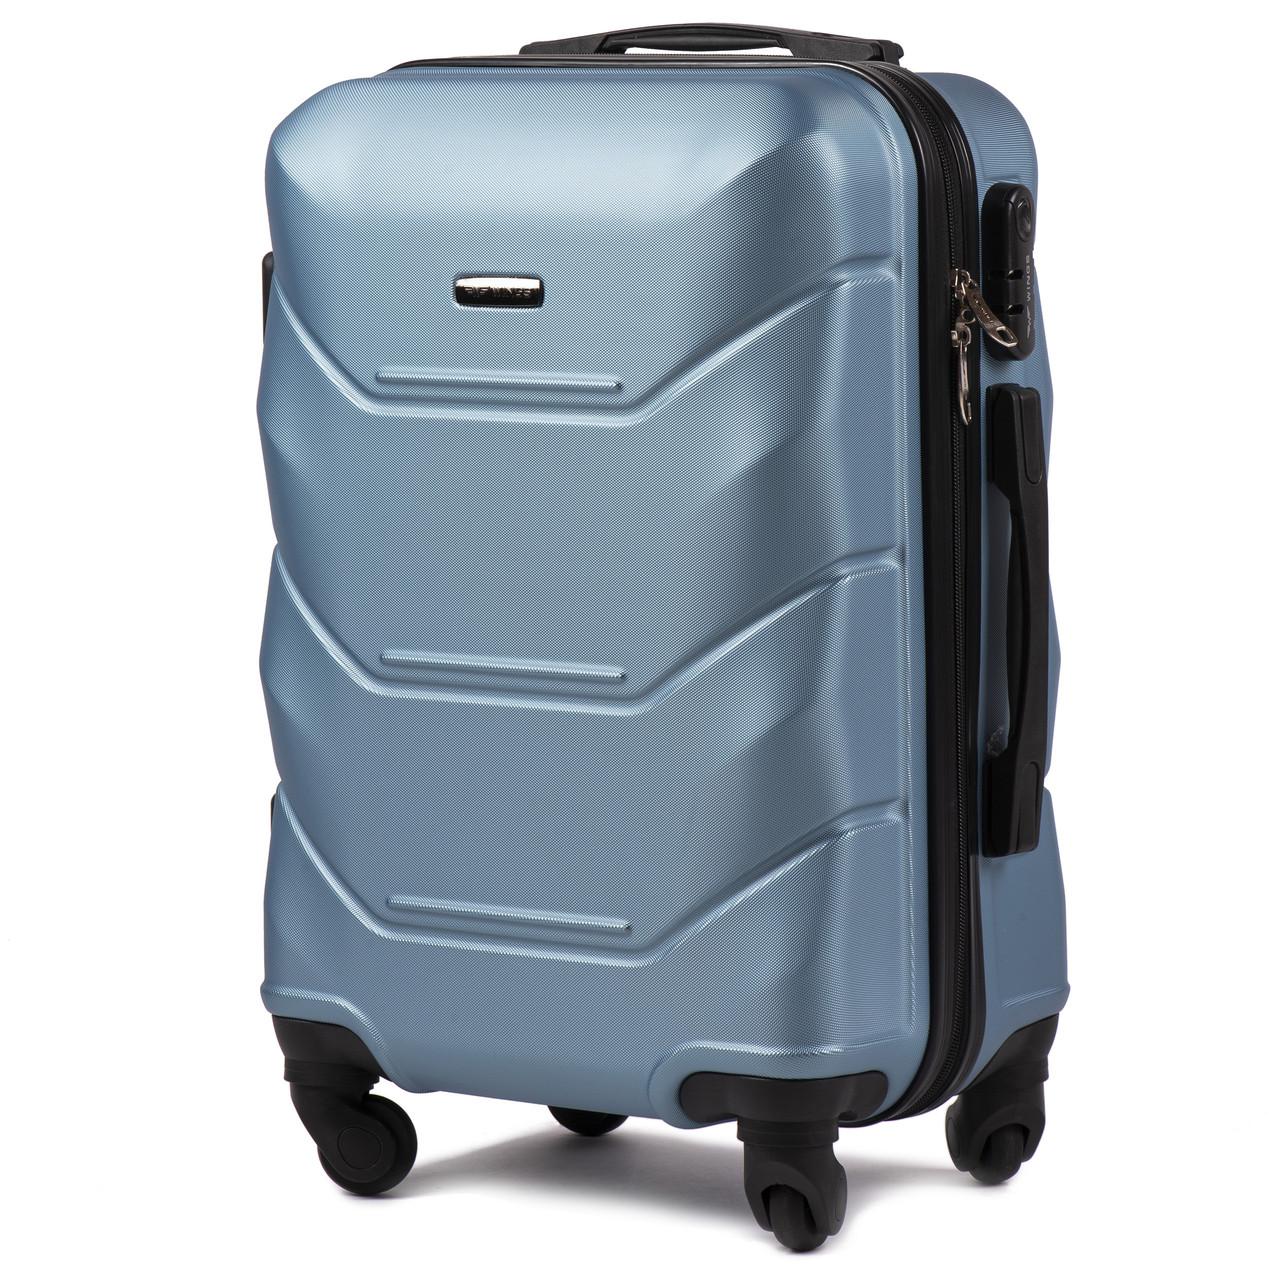 76765a6735ee Малый пластиковый чемодан Wings 147 на 4 колесах: продажа, цена в ...